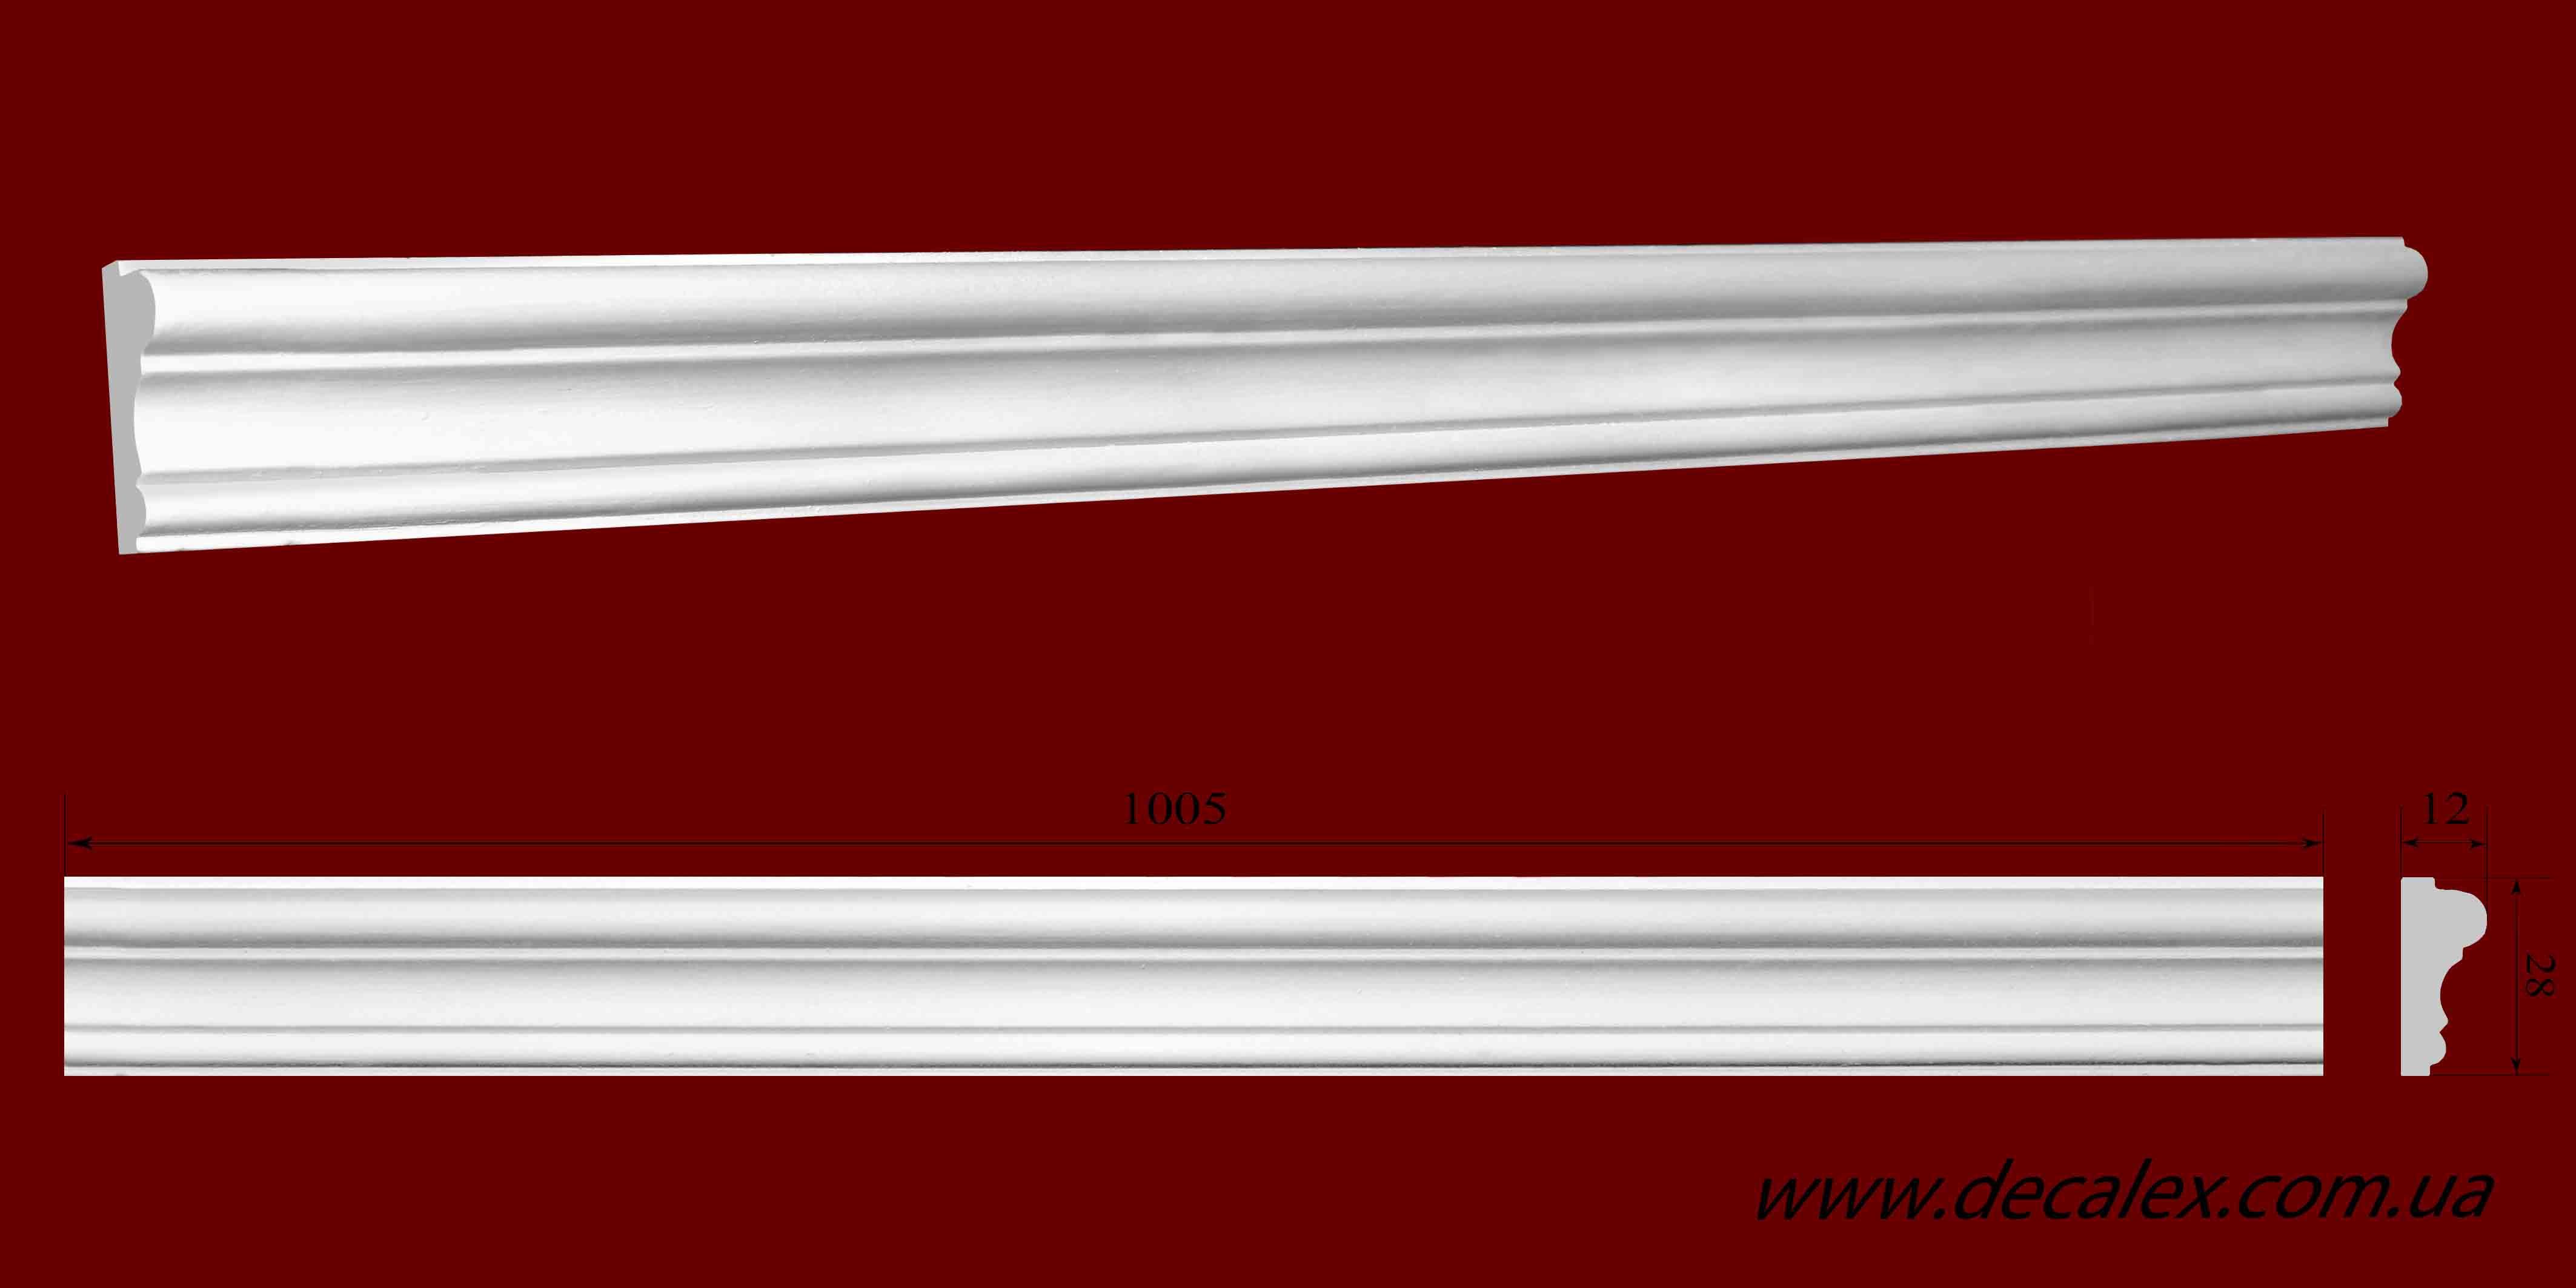 Код товара МЛ02801.Молдинг из гипса шириной 28 мм и длиной 1005 мм. Розничная цена 45 грн./шт.